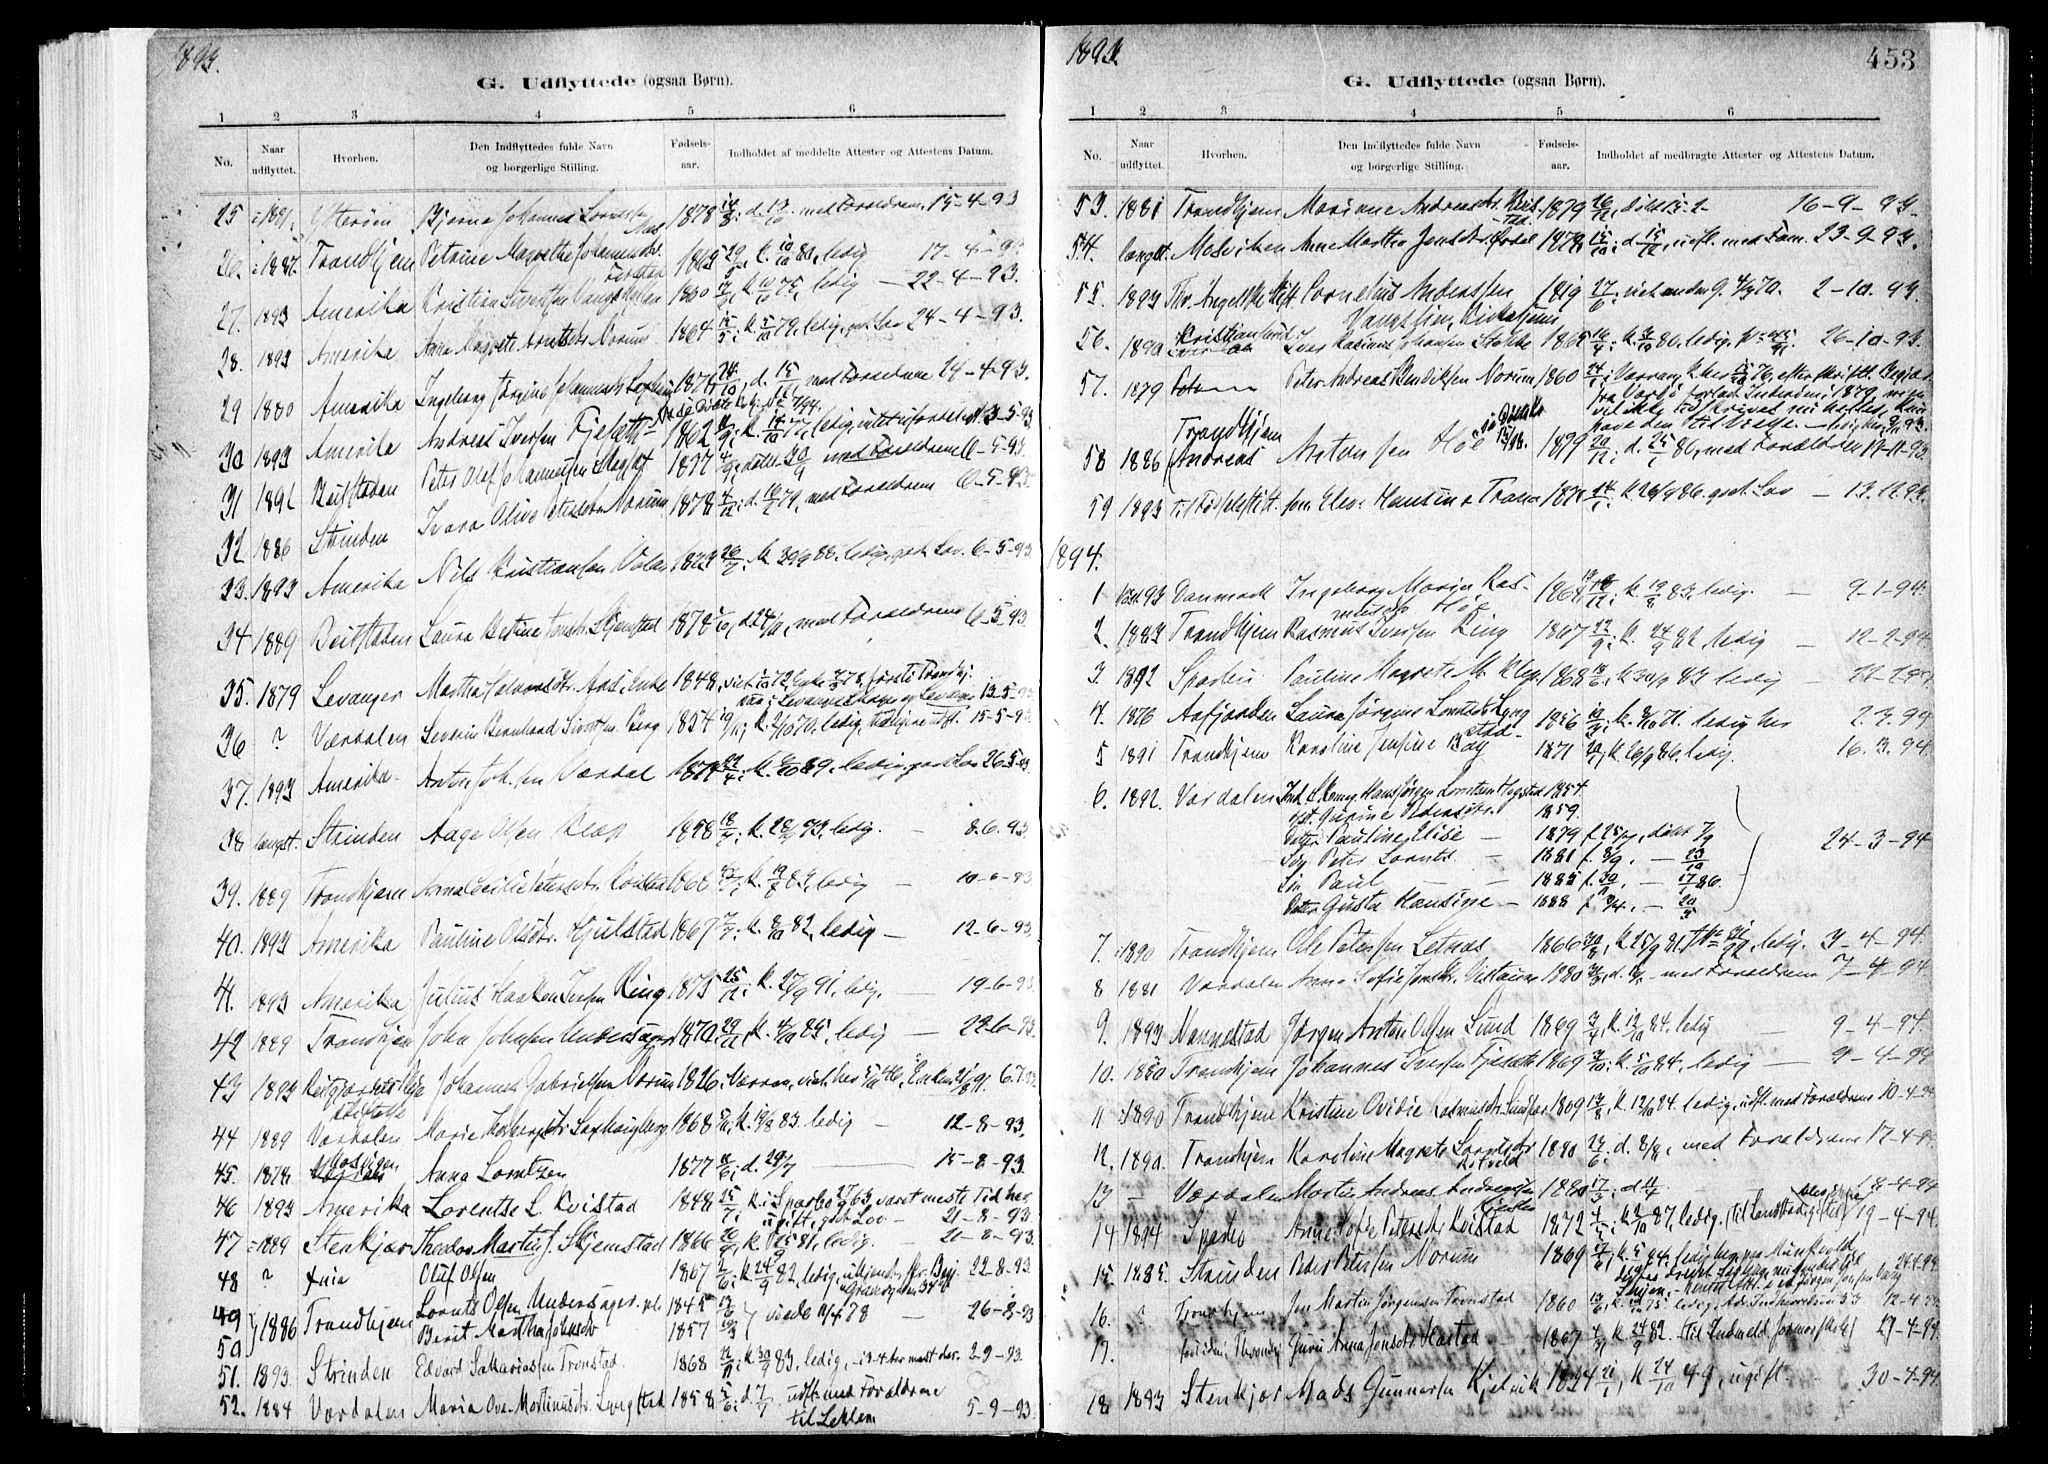 SAT, Ministerialprotokoller, klokkerbøker og fødselsregistre - Nord-Trøndelag, 730/L0285: Ministerialbok nr. 730A10, 1879-1914, s. 453